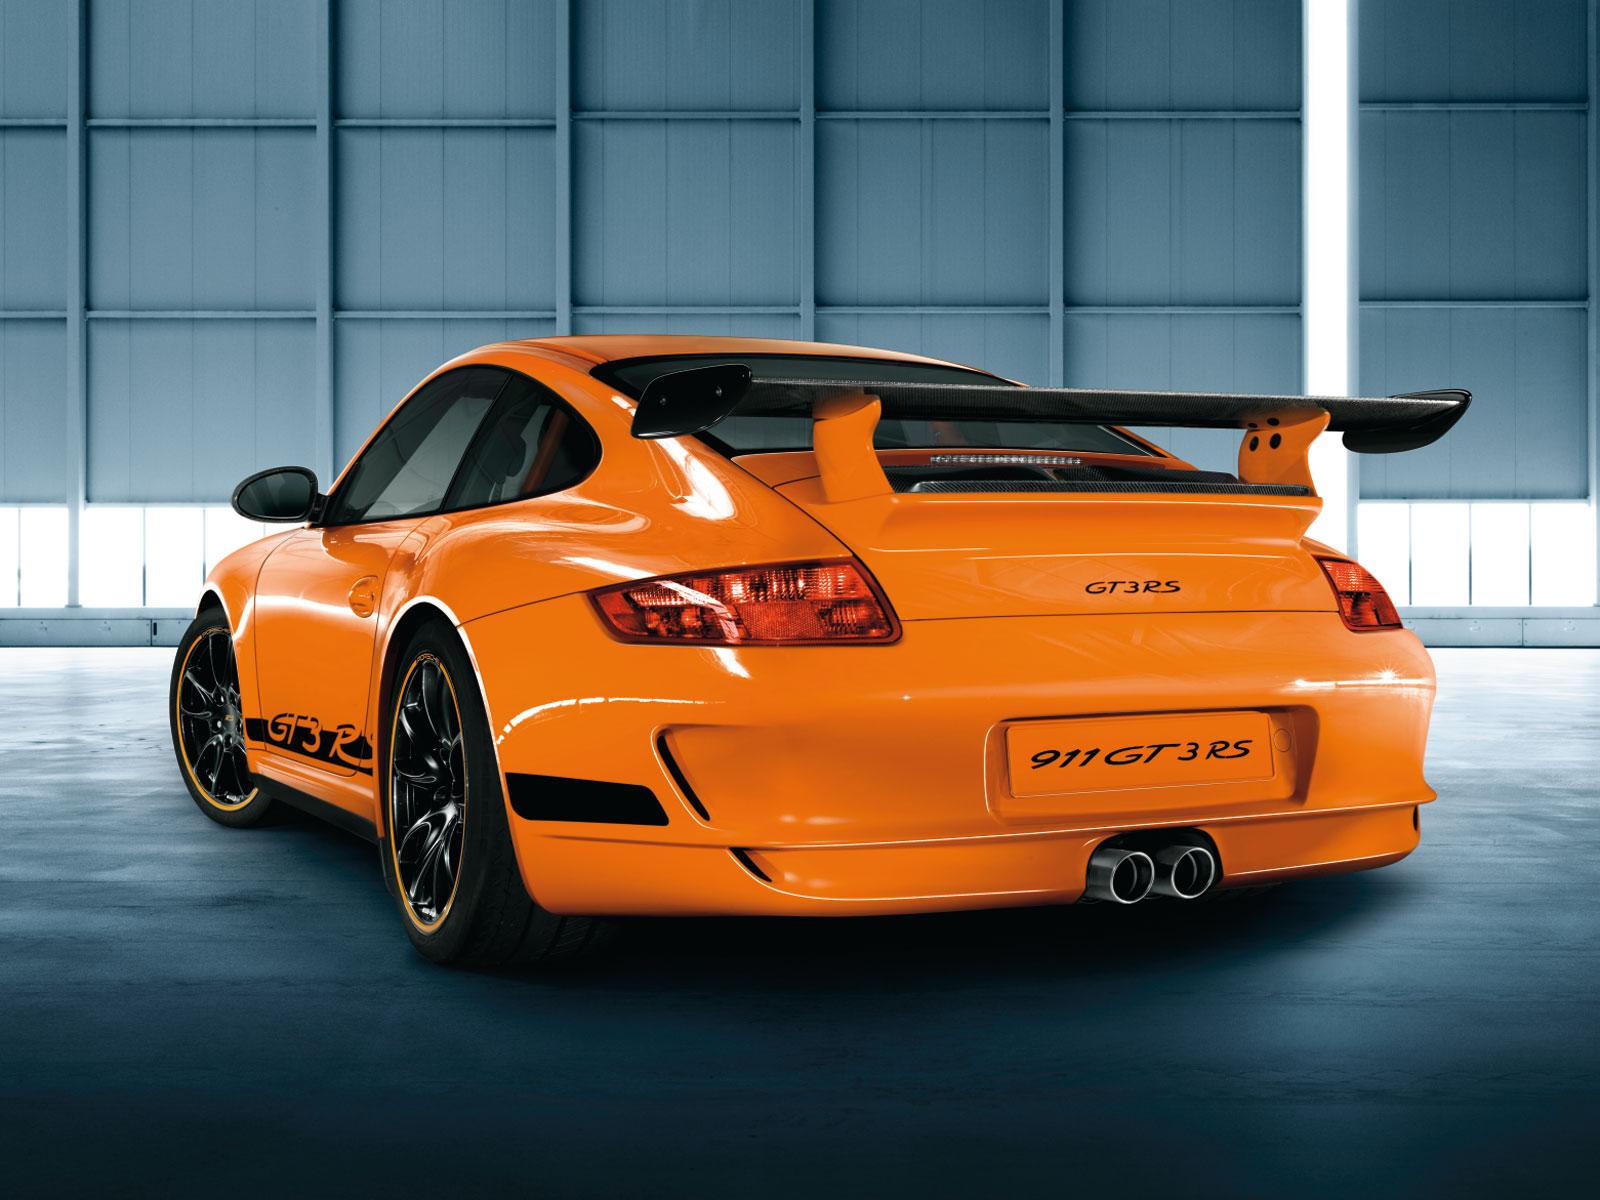 PORSCHE 911 GT3 RS (997) - 2006, 2007, 2008, 2009 ...